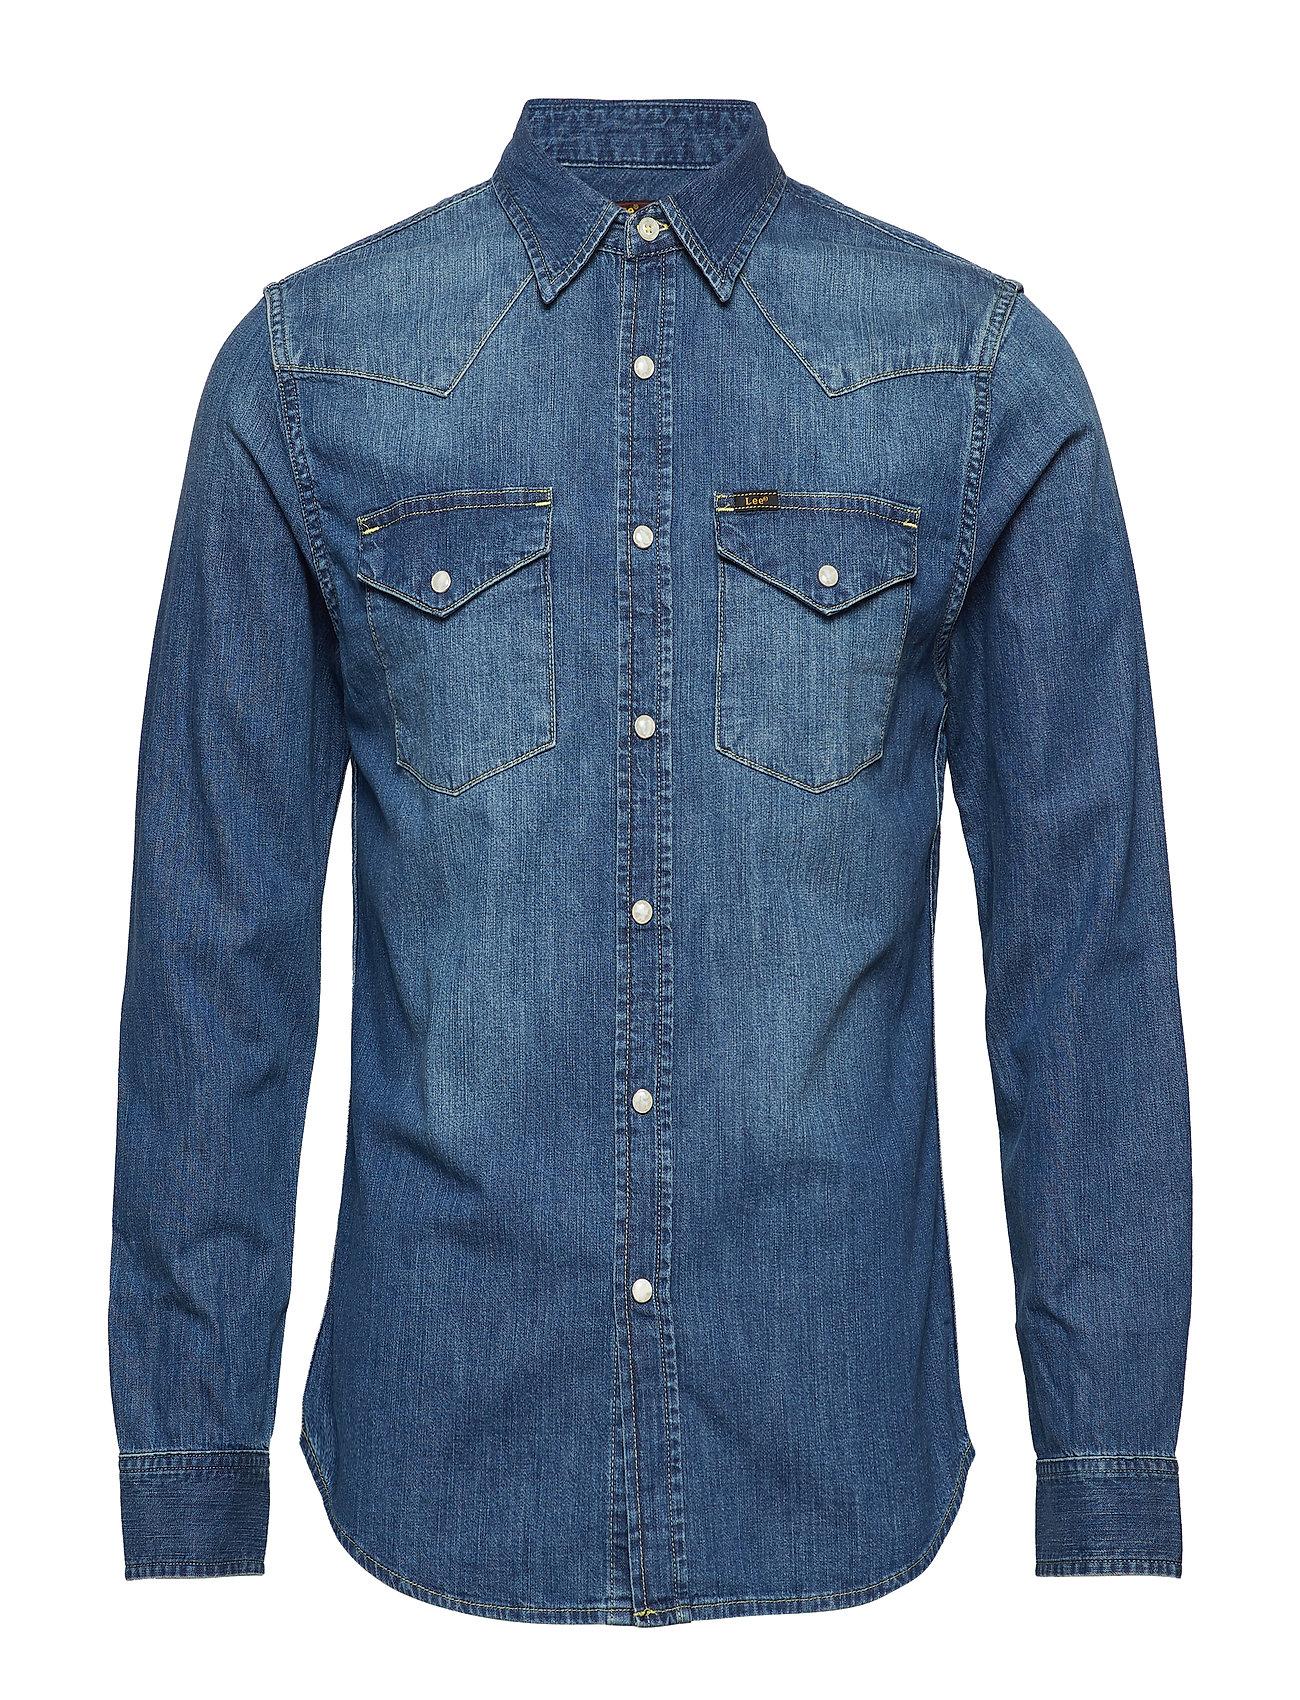 af6d2ec5 Lee Western Shirt (Blue Stance) (£56) - Lee Jeans - | Boozt.com